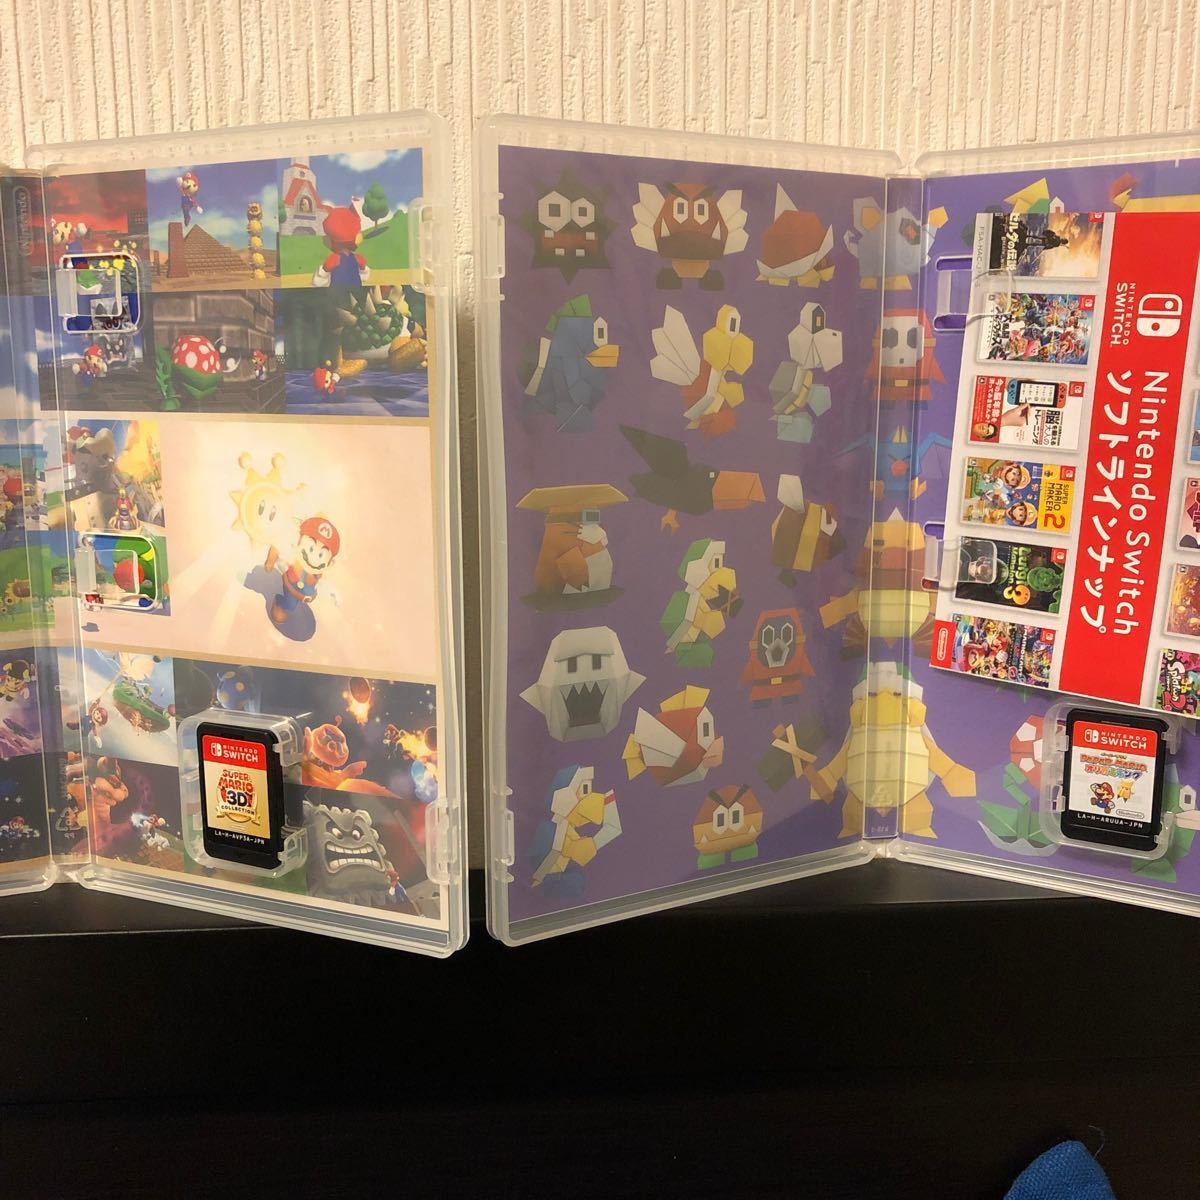 ペーパーマリオオリガミキング スーパーマリオ3Dコレクション 2点セット